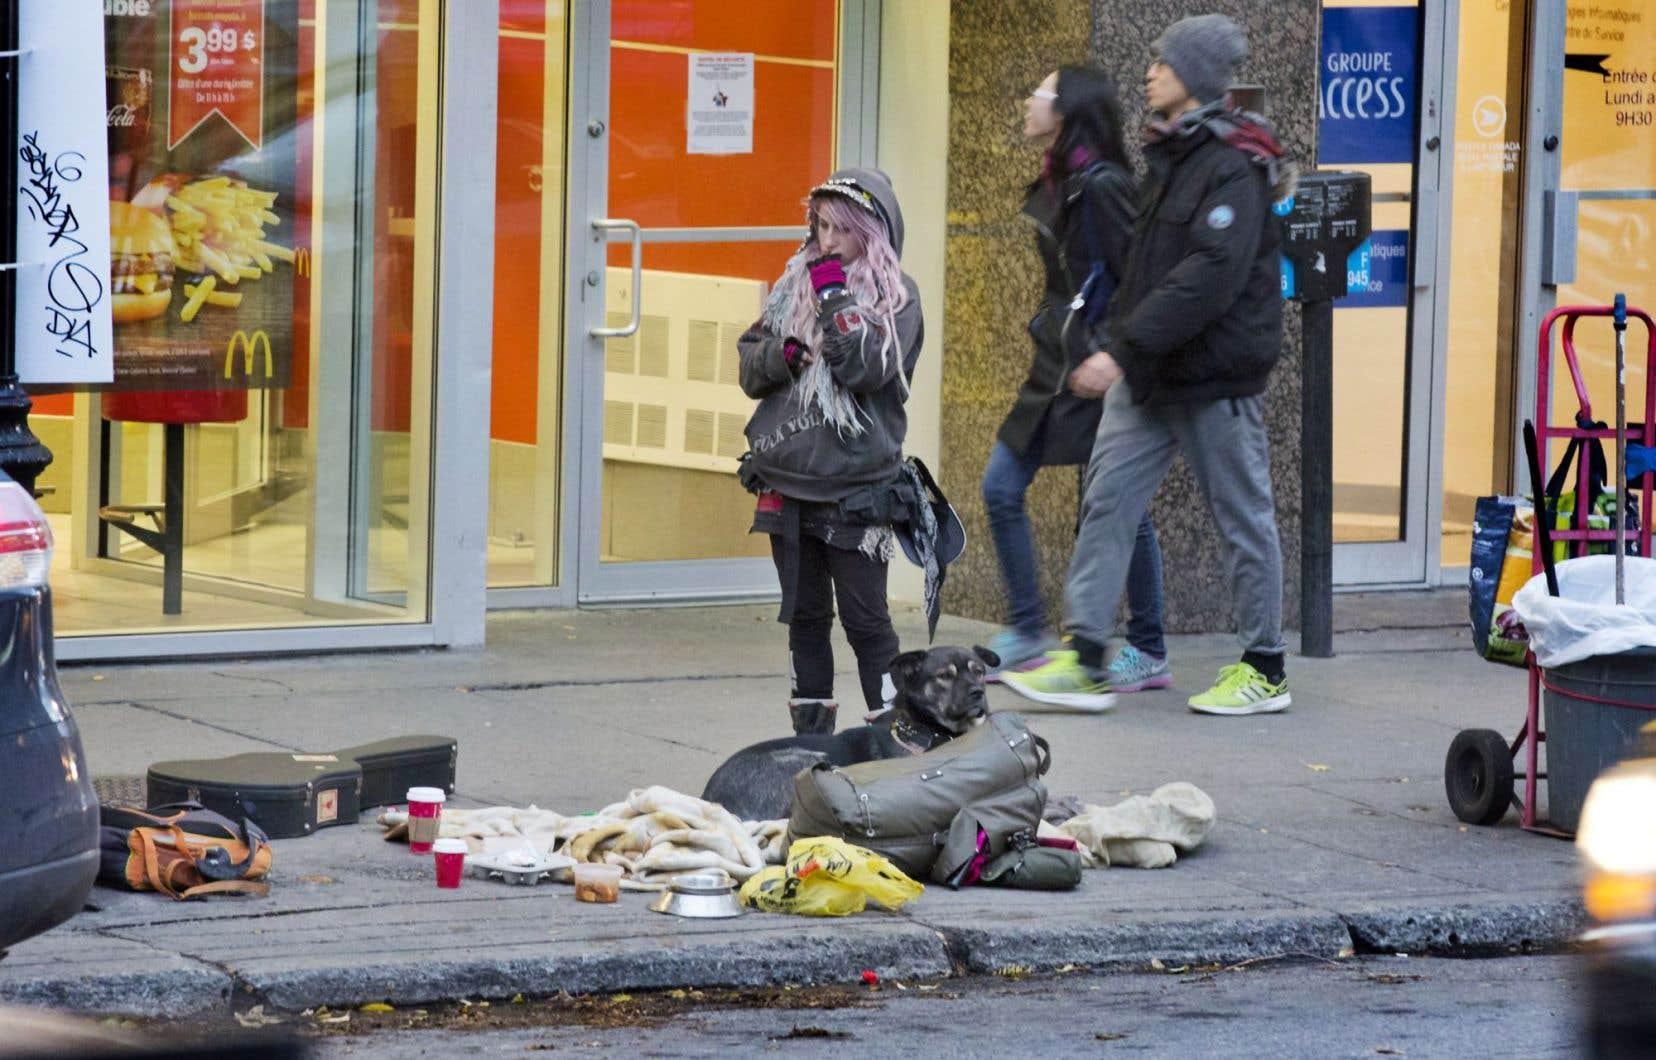 Coupes dans l'éducation, les programmes sociaux, la santé publique et la santé tout court… l'austérité fait son lit dans la rue.